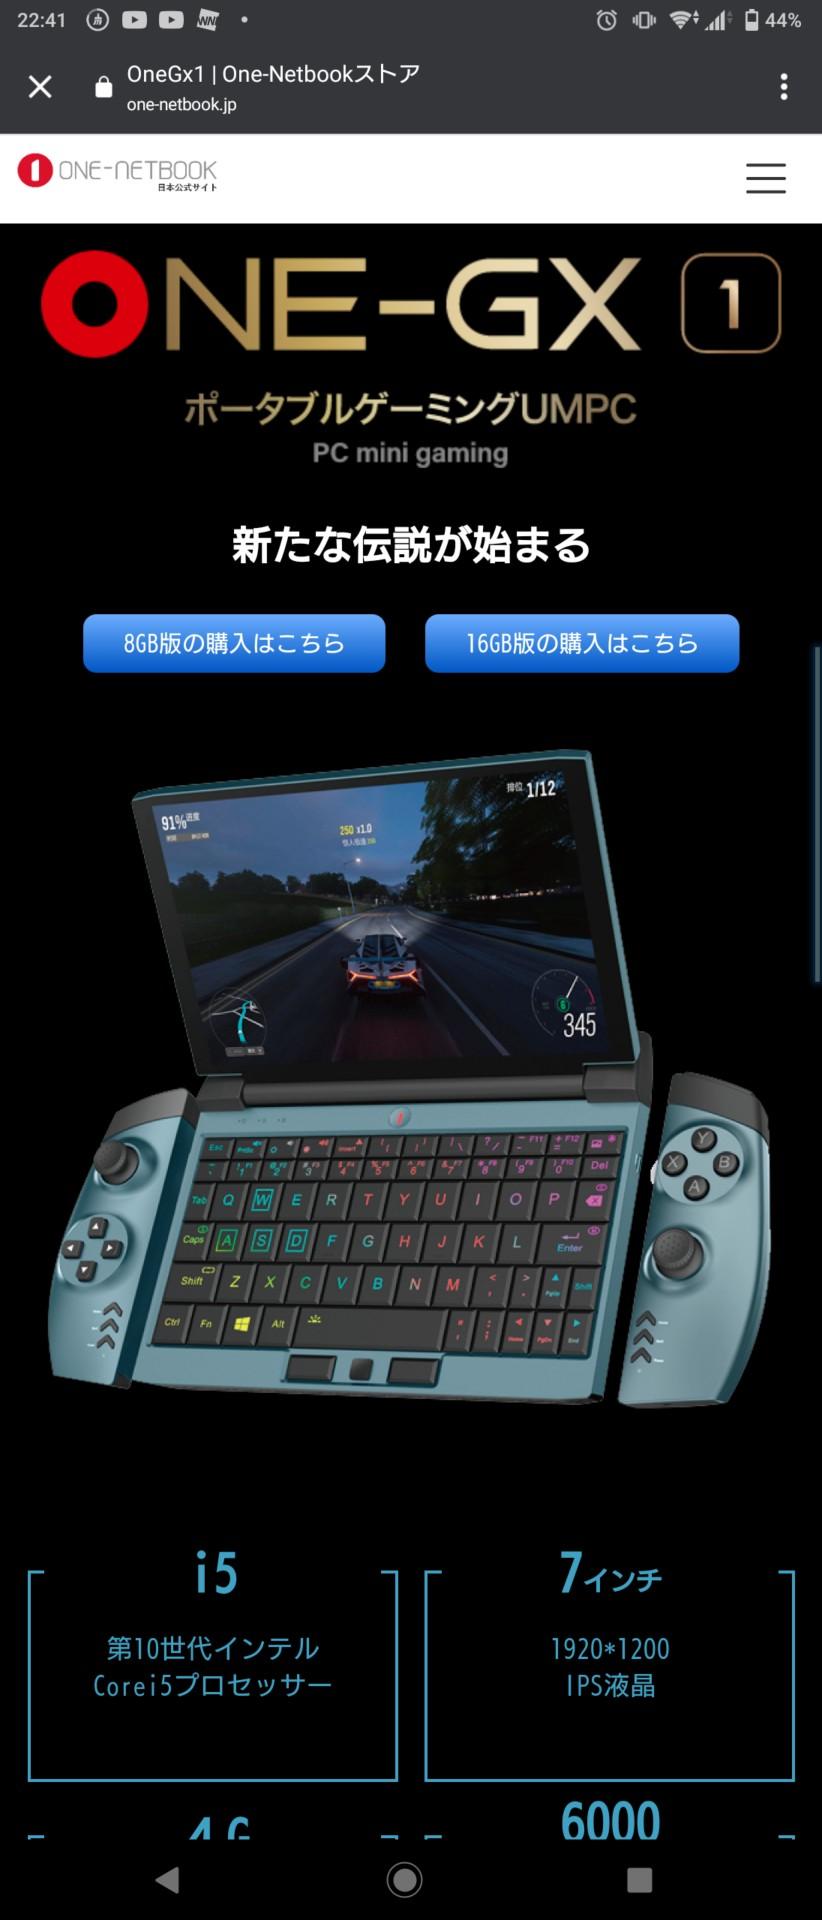 qJJqZ4G - 【スイッチ死亡】5G対応のゲーム機 ONE-GXが登場!!新たな伝説が始まる...